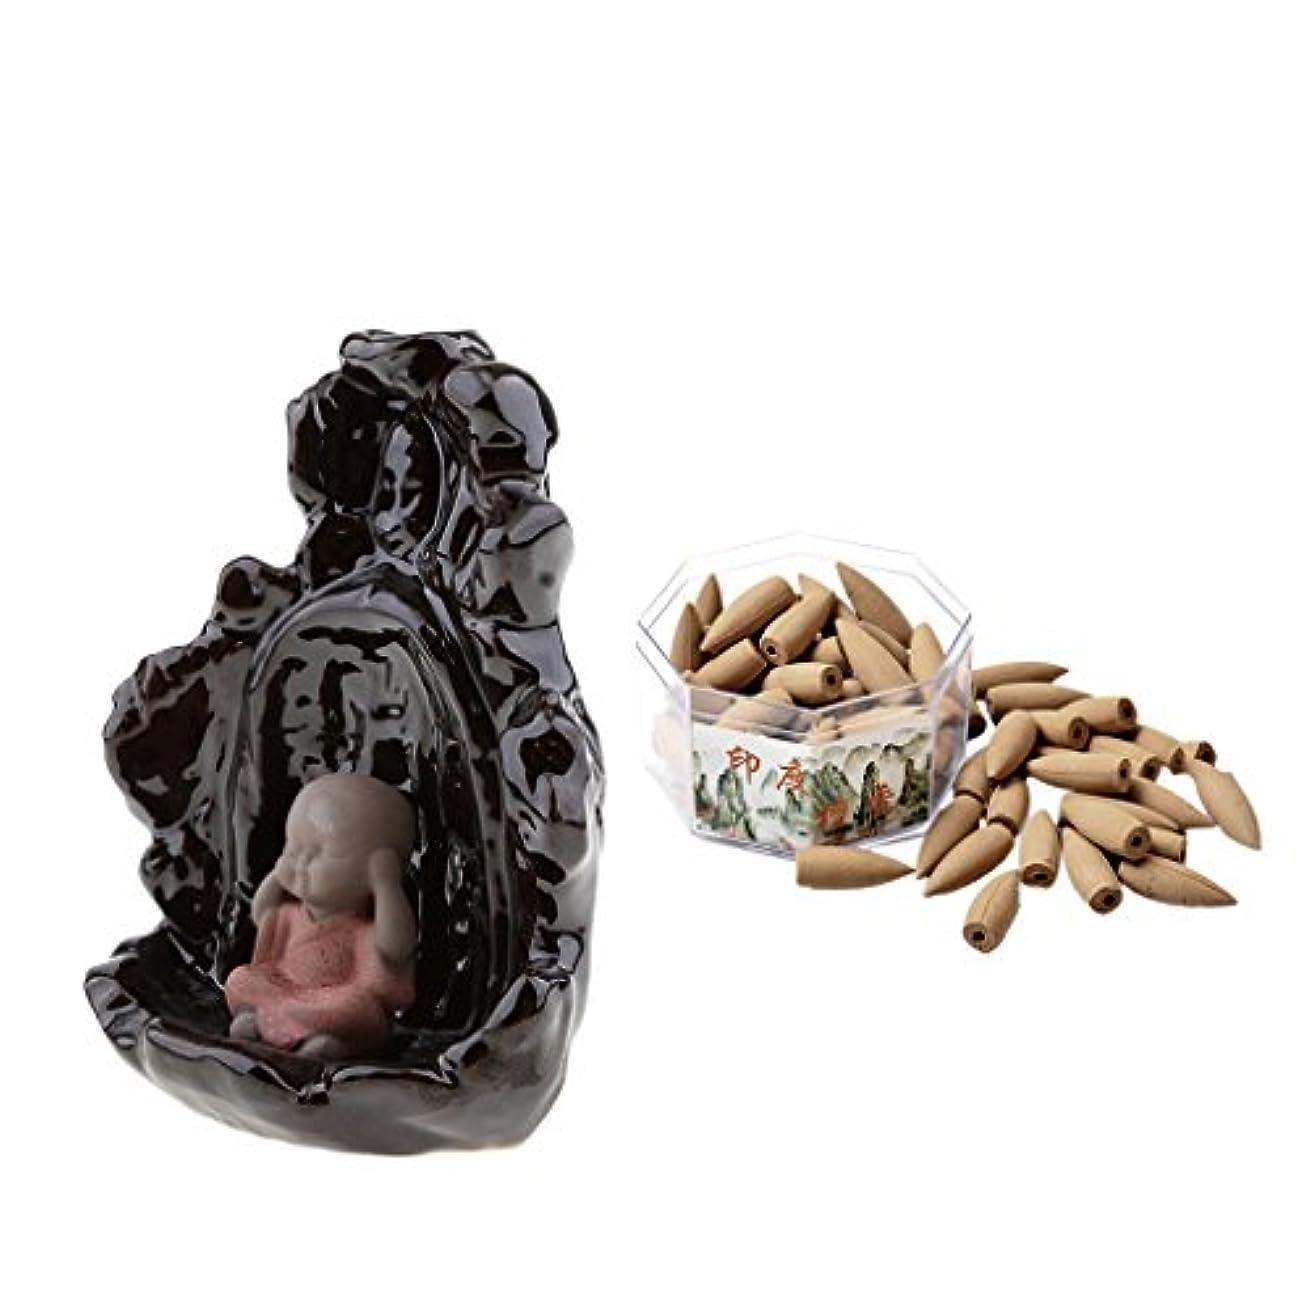 モンキー乱れ補助金monkeyjack手作り磁器セラミック煙逆流香炉Monk Statue Censer + 70 Conesインドお香炉